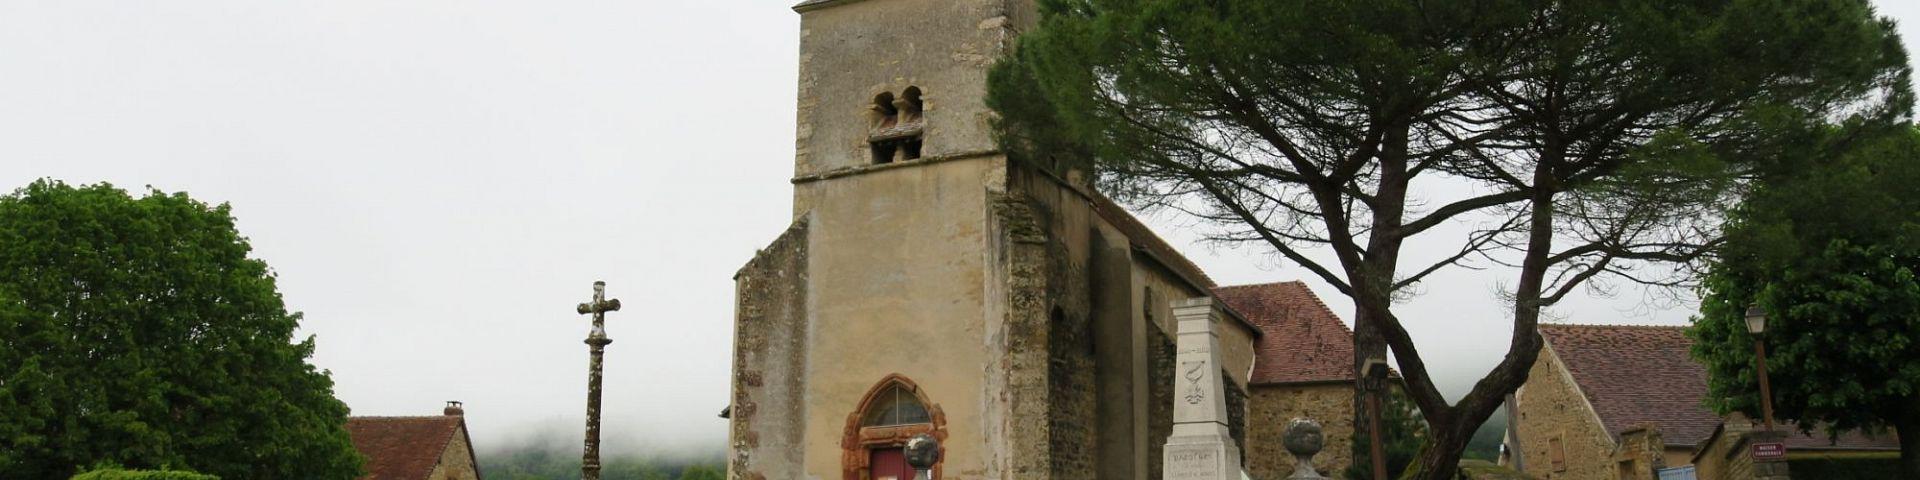 Bazoches - Eglise St-Hilaire (58)